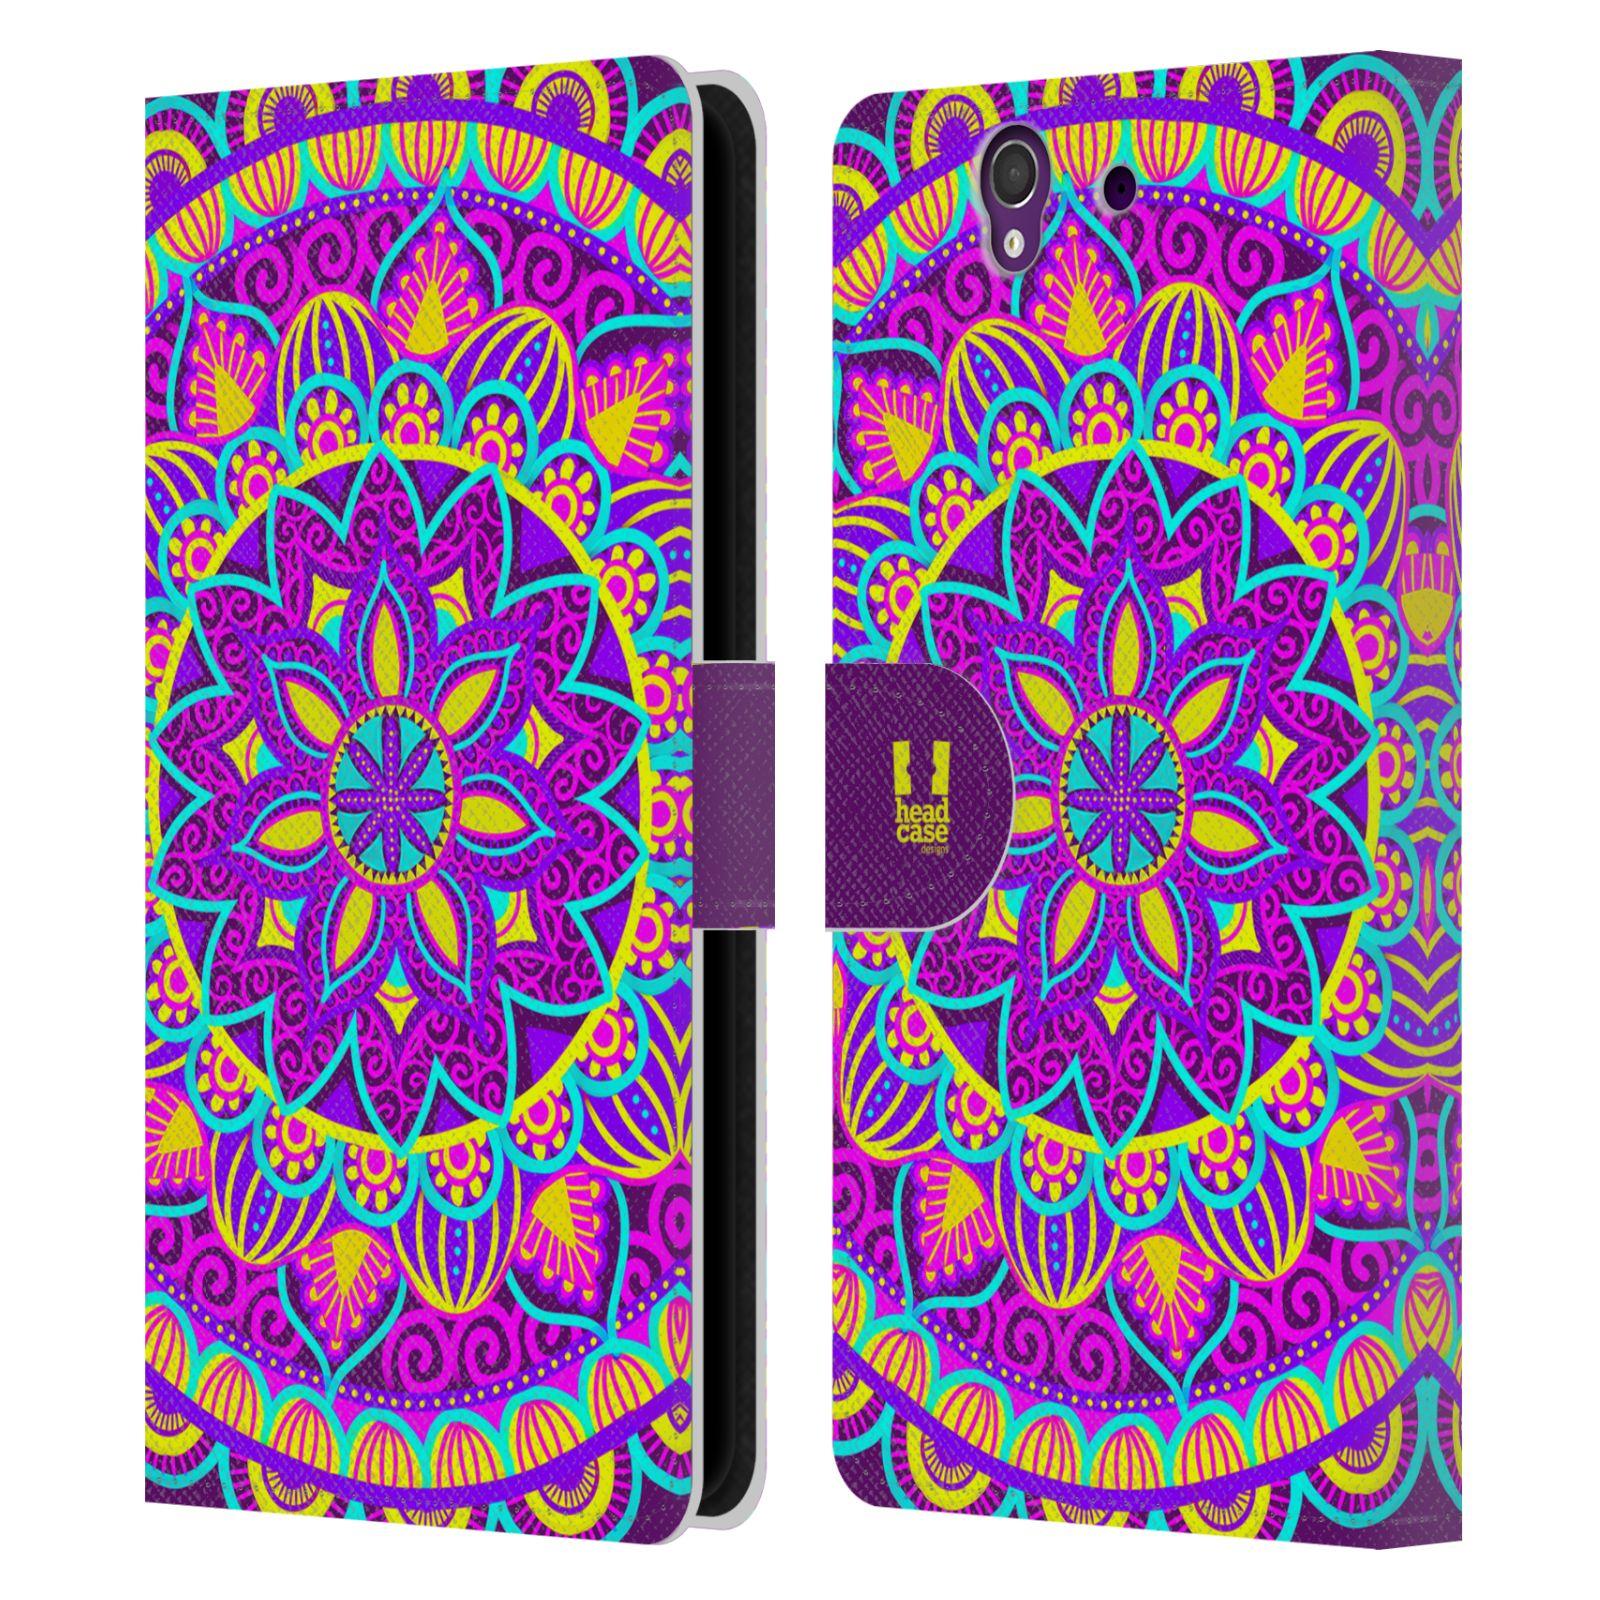 HEAD CASE Flipové pouzdro pro mobil SONY XPERIA Z (C6603) květinová mandala barevná fialová